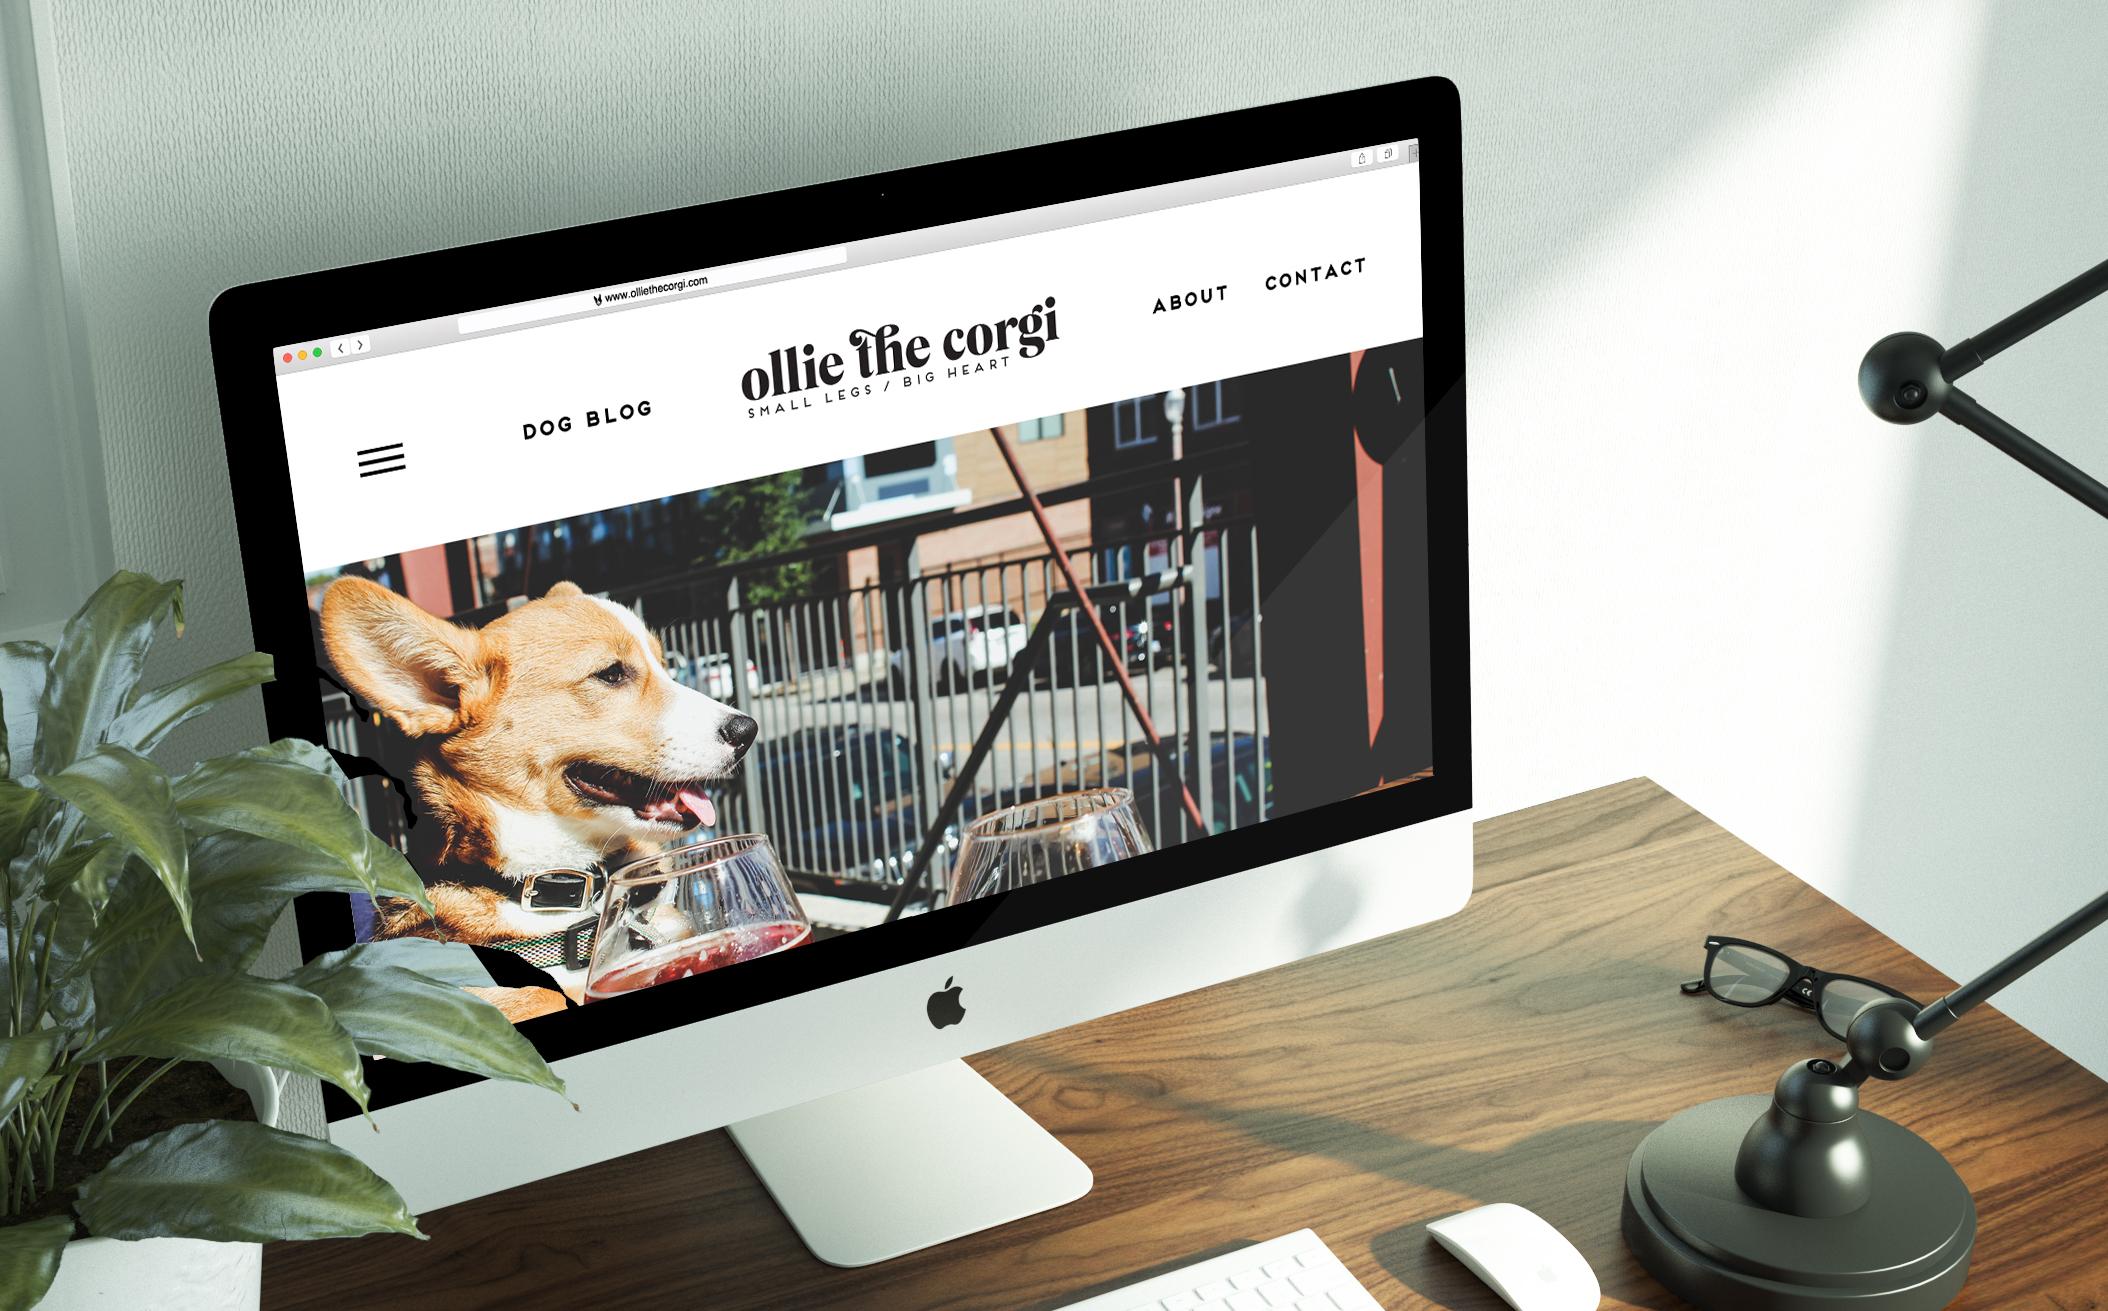 mod-co-branding-header.jpg